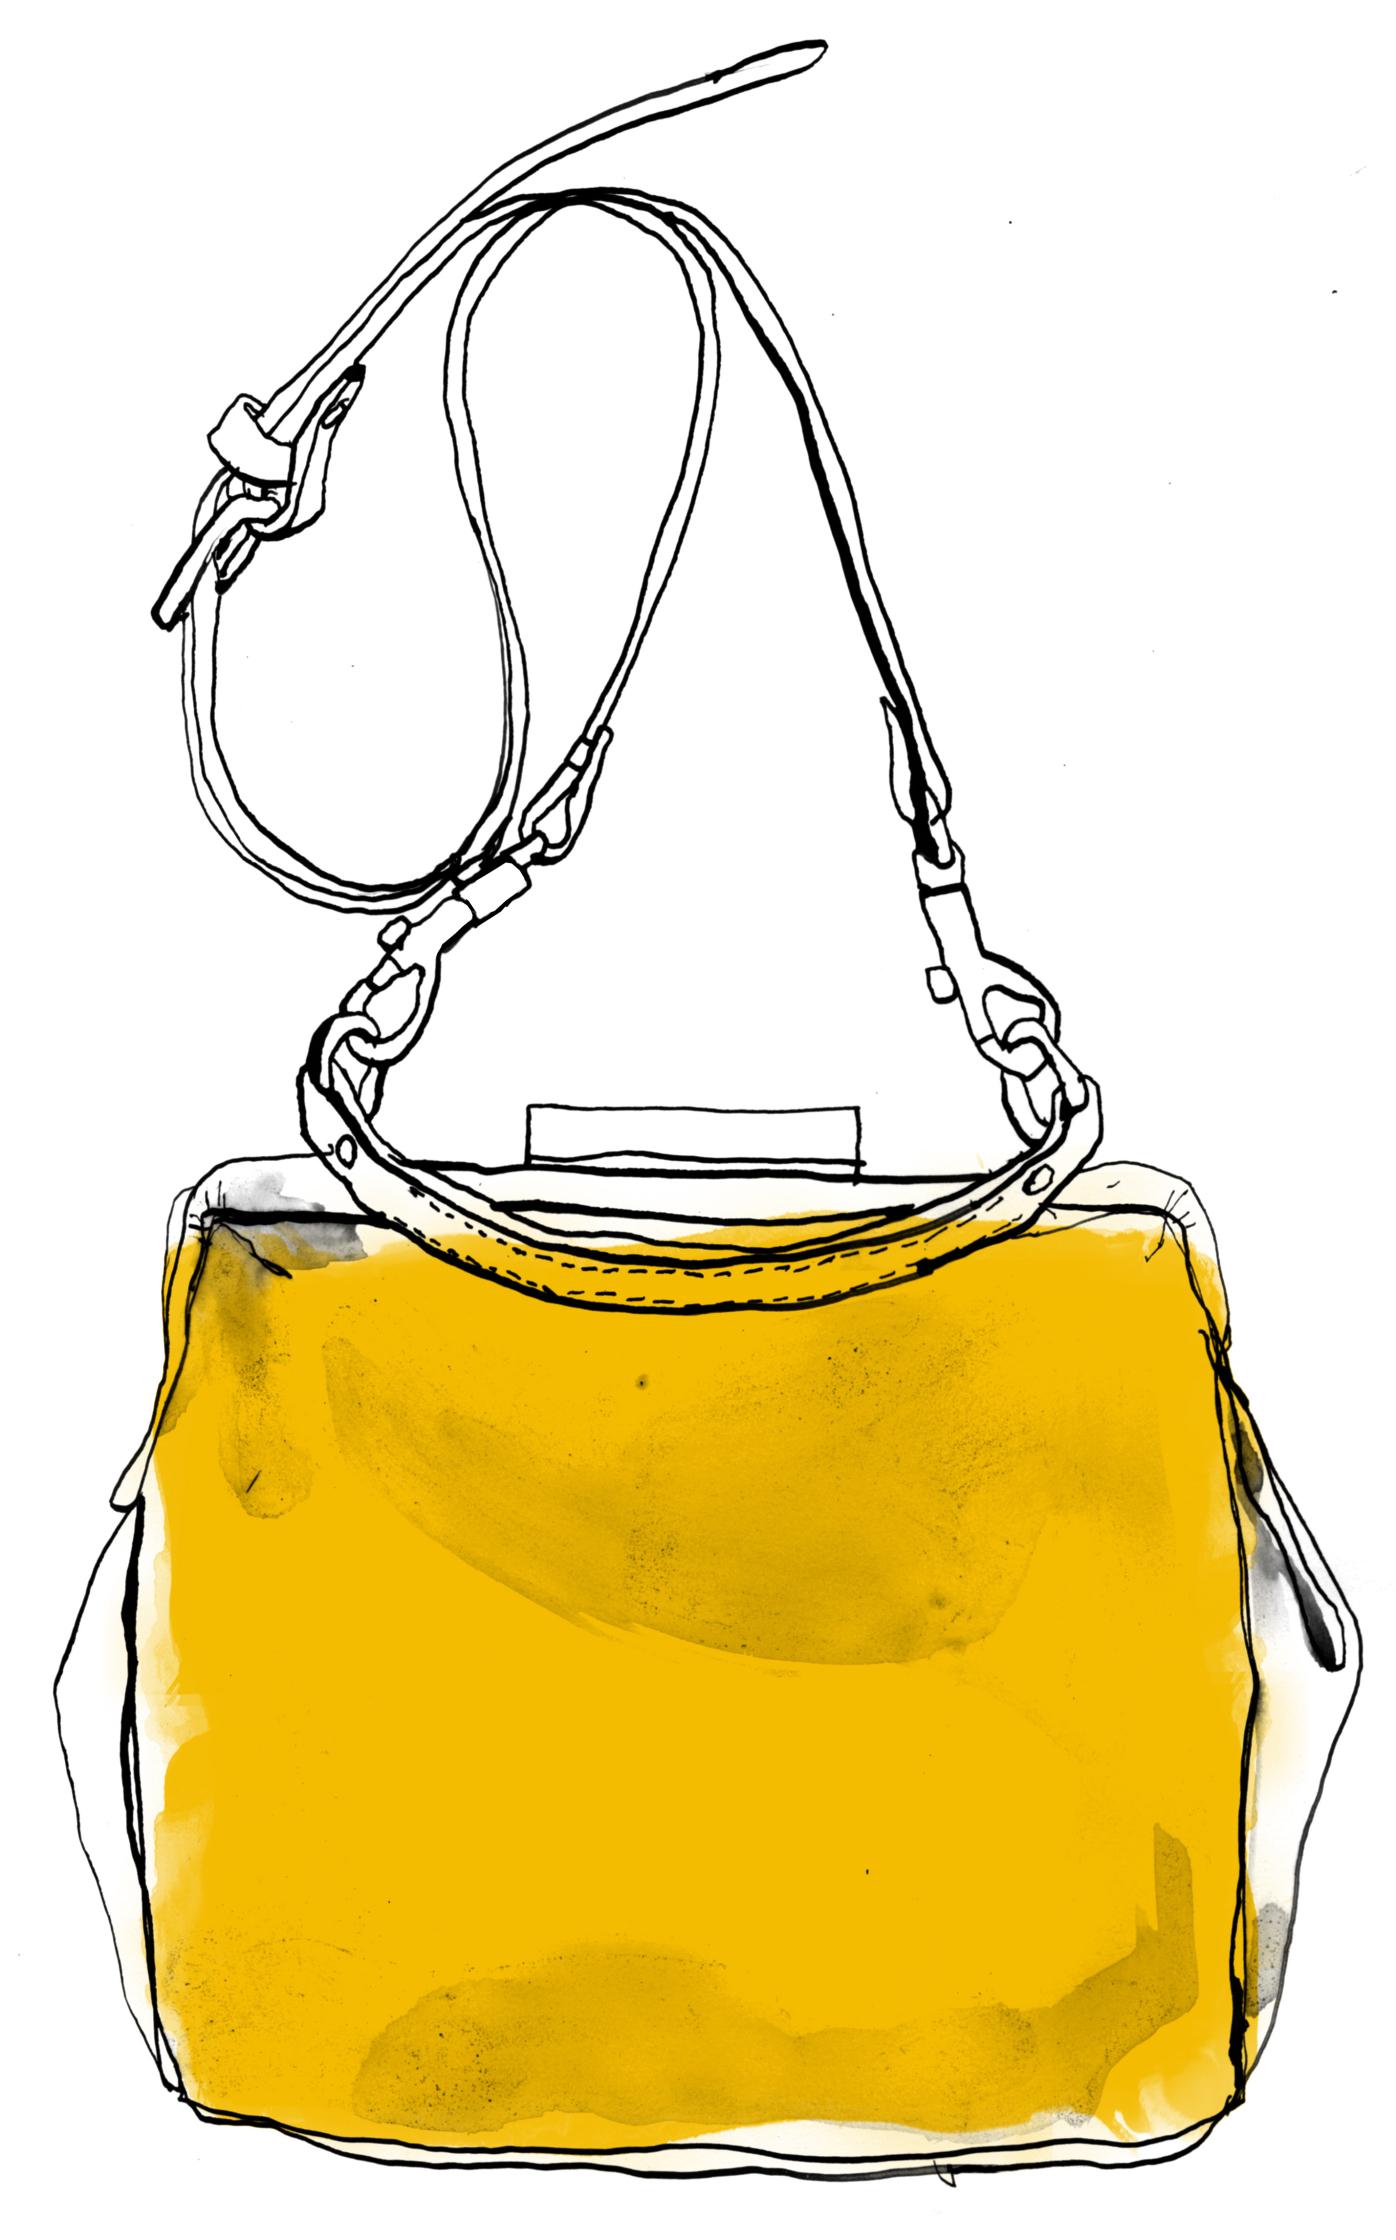 Handbag / Ally Capellino